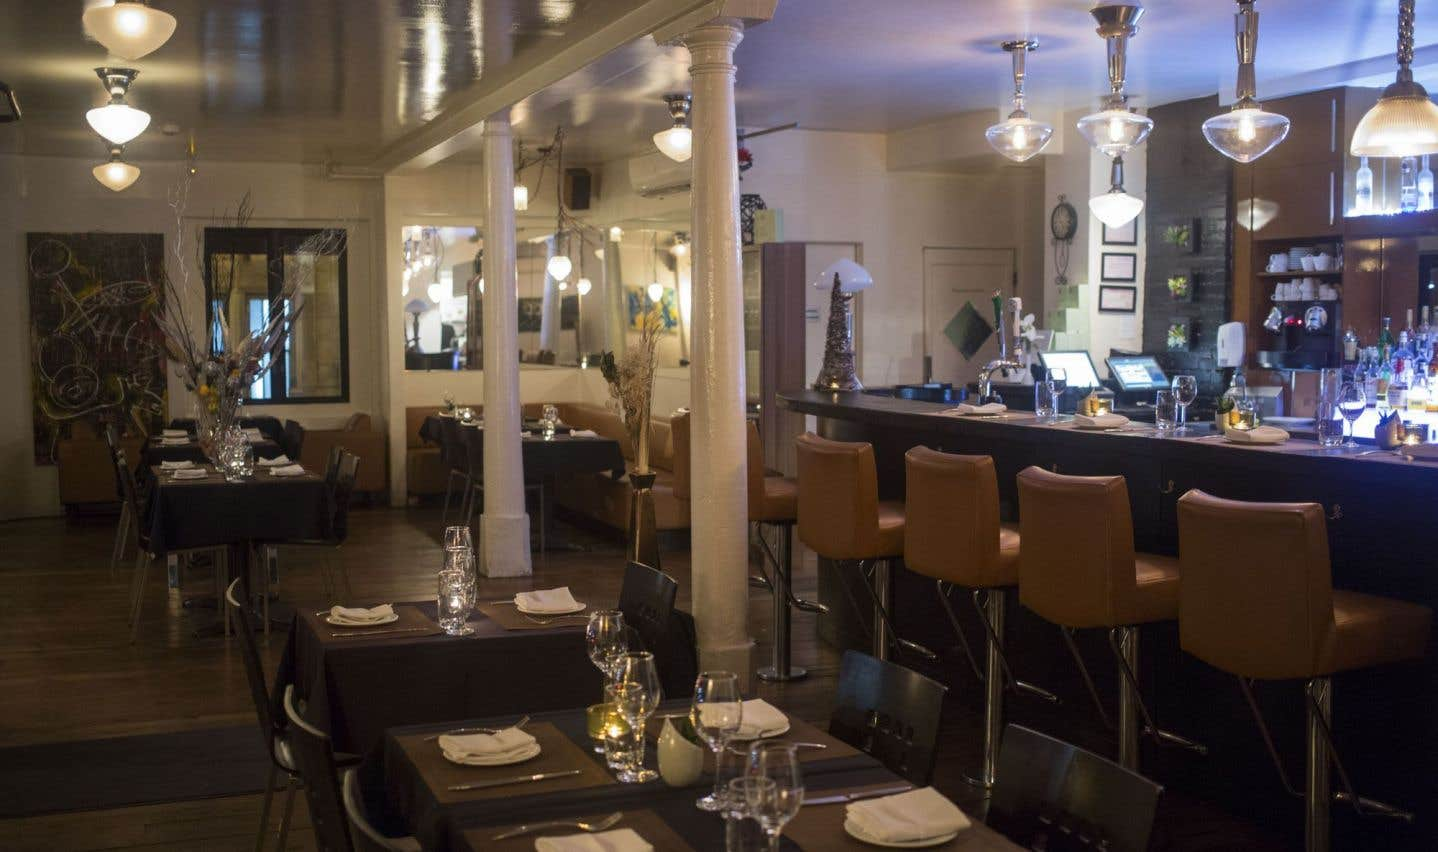 La salle à manger du Kitchenette est aménagée plutôt que décorée, et le confort prime.